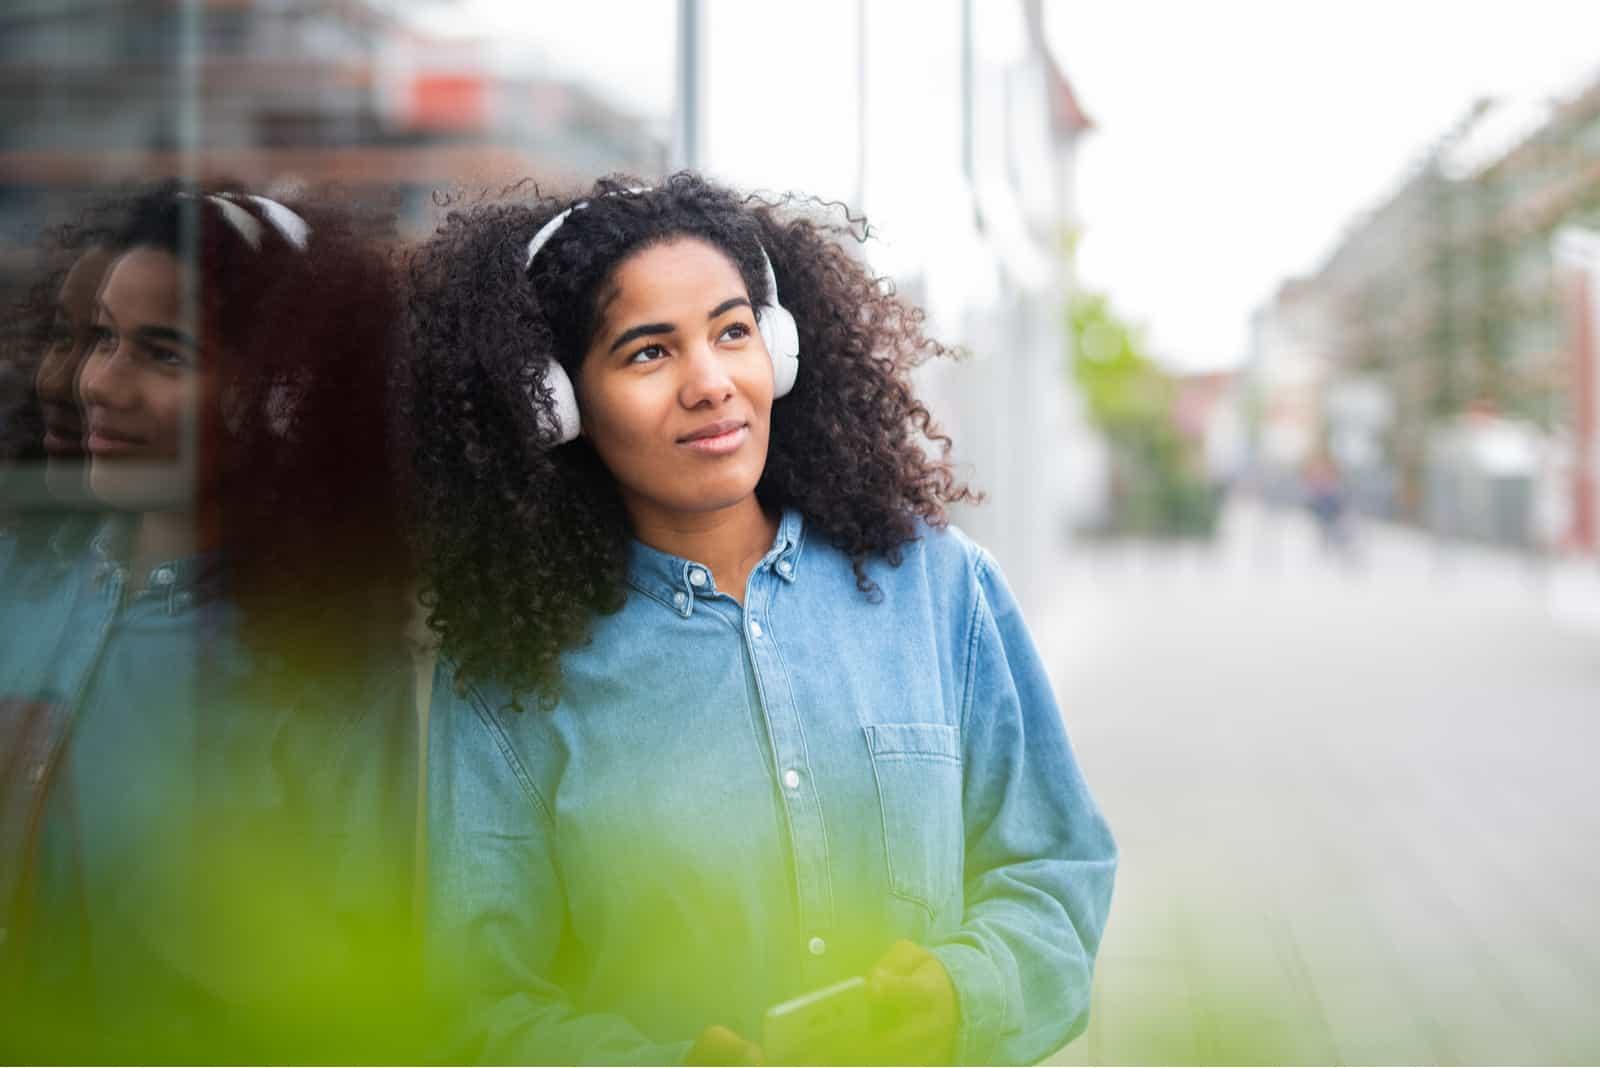 une femme imaginaire avec des cheveux crépus et des écouteurs sur ses oreilles